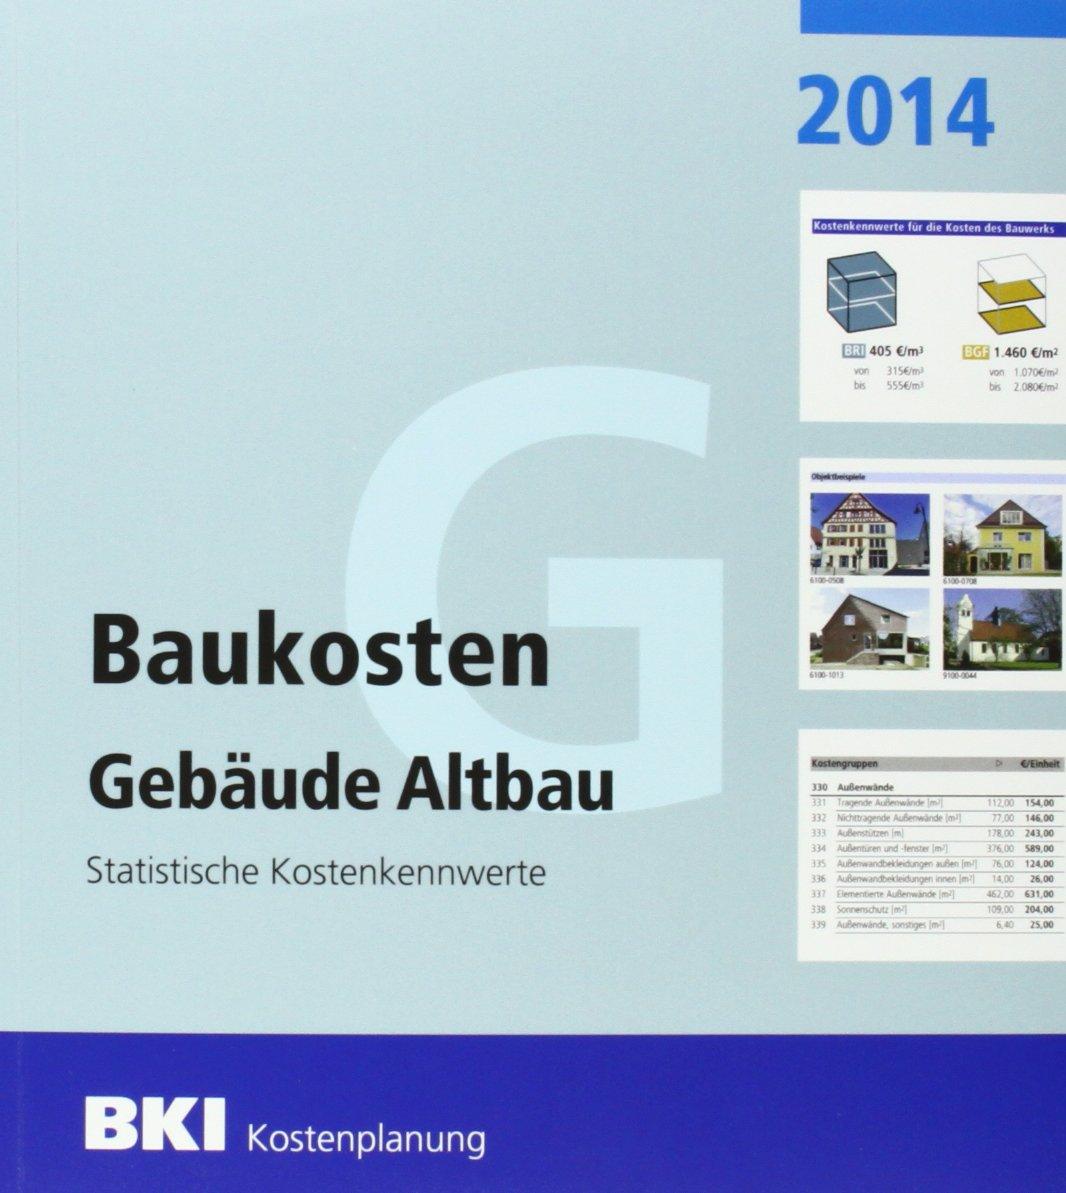 BKI Baukosten Altbau 2014 (Teil 1 + 2) – Komplettpaket